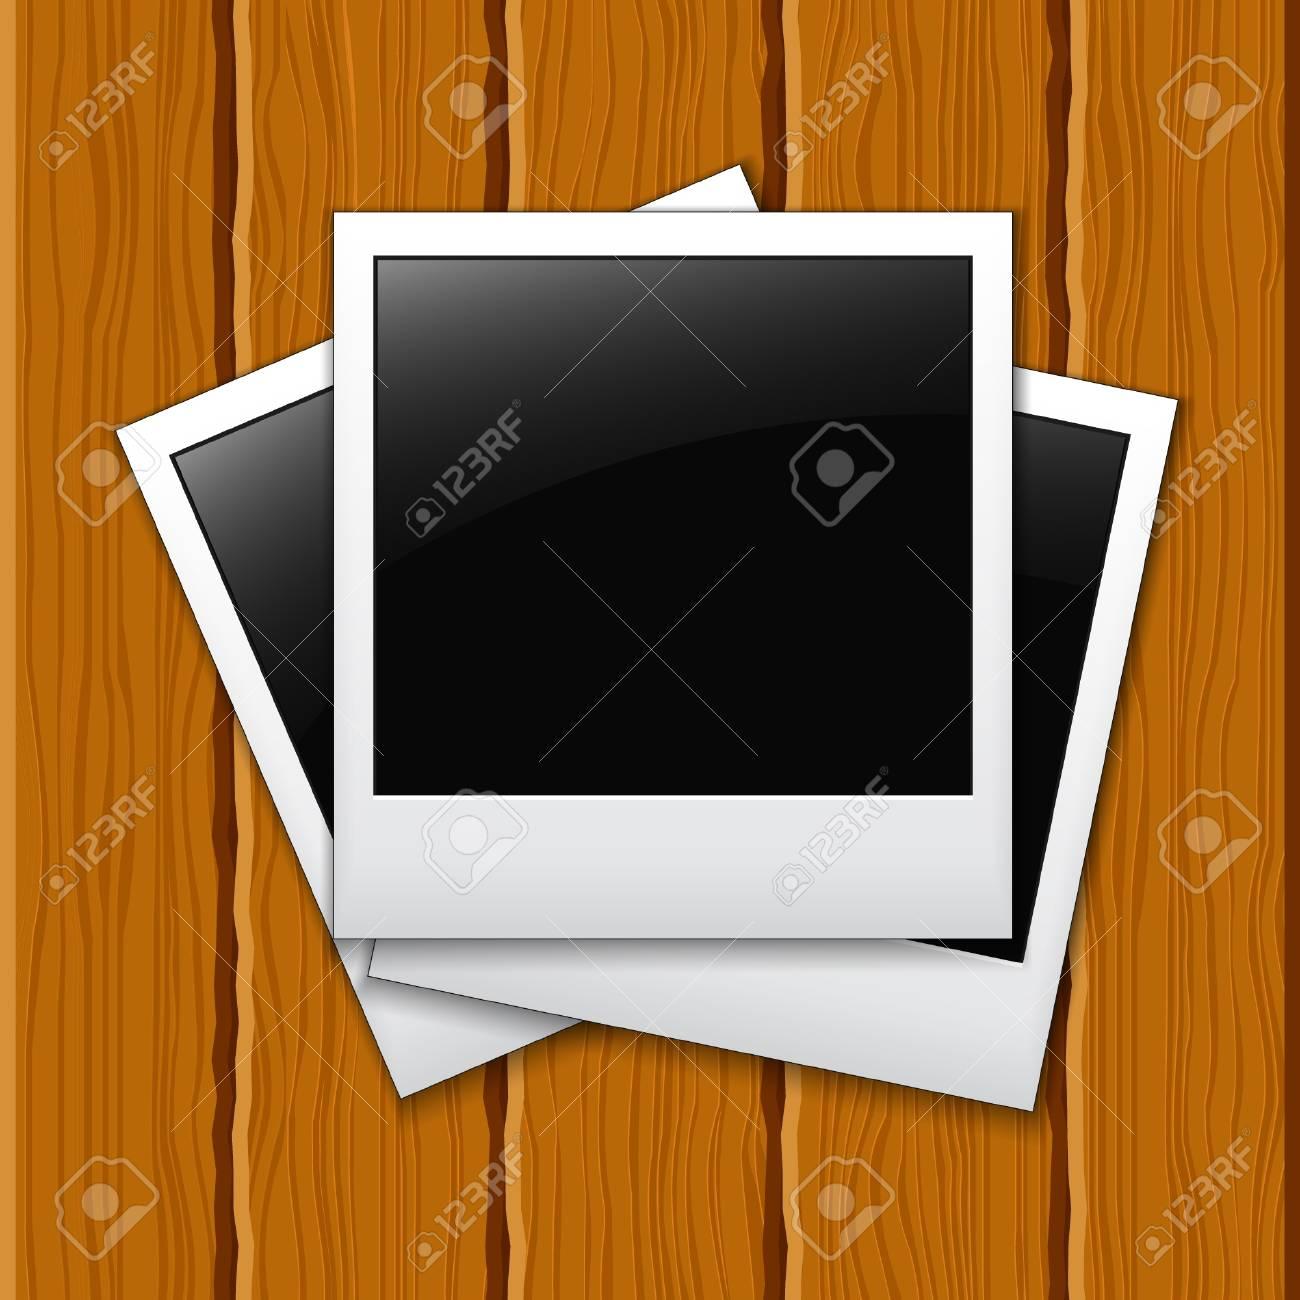 Photos on a wooden surface Stock Vector - 9162125